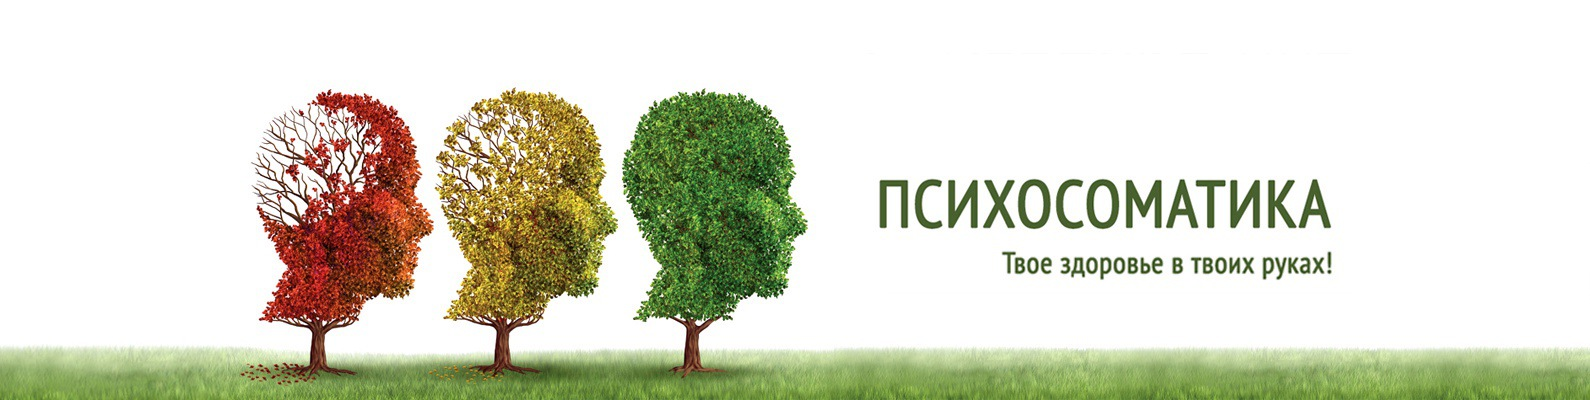 Болезни почек психосоматика — почки